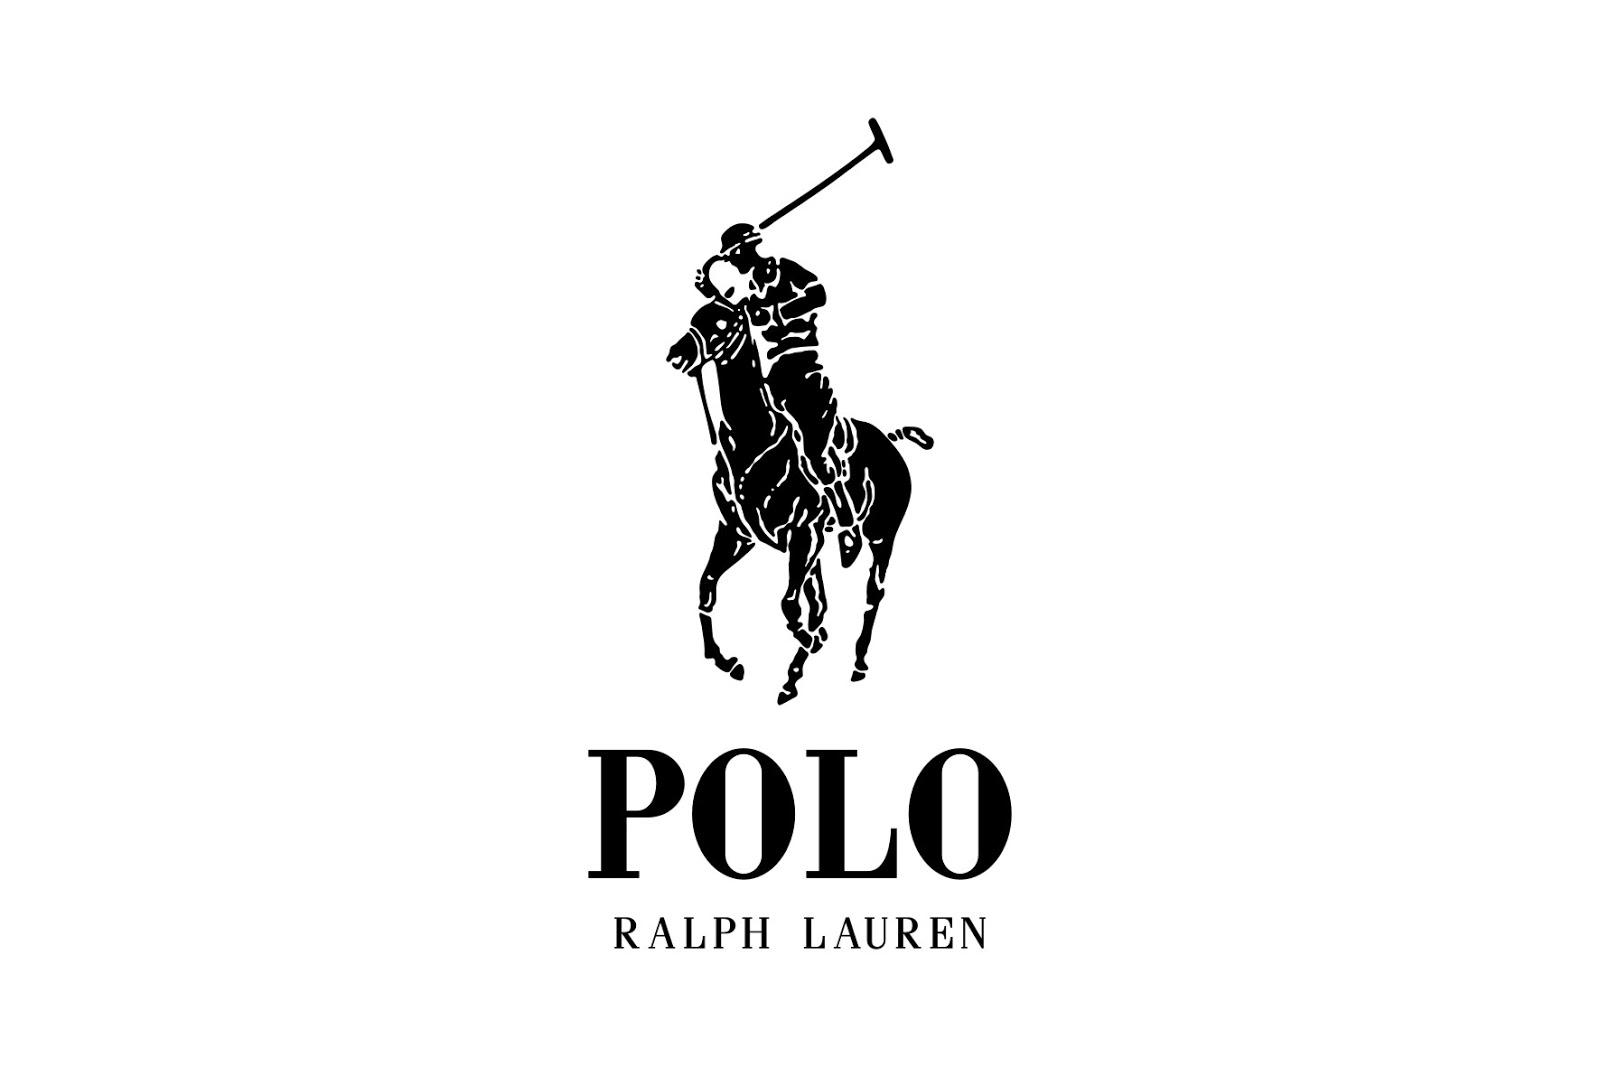 Ralph Lauren polo logo Wallpaper